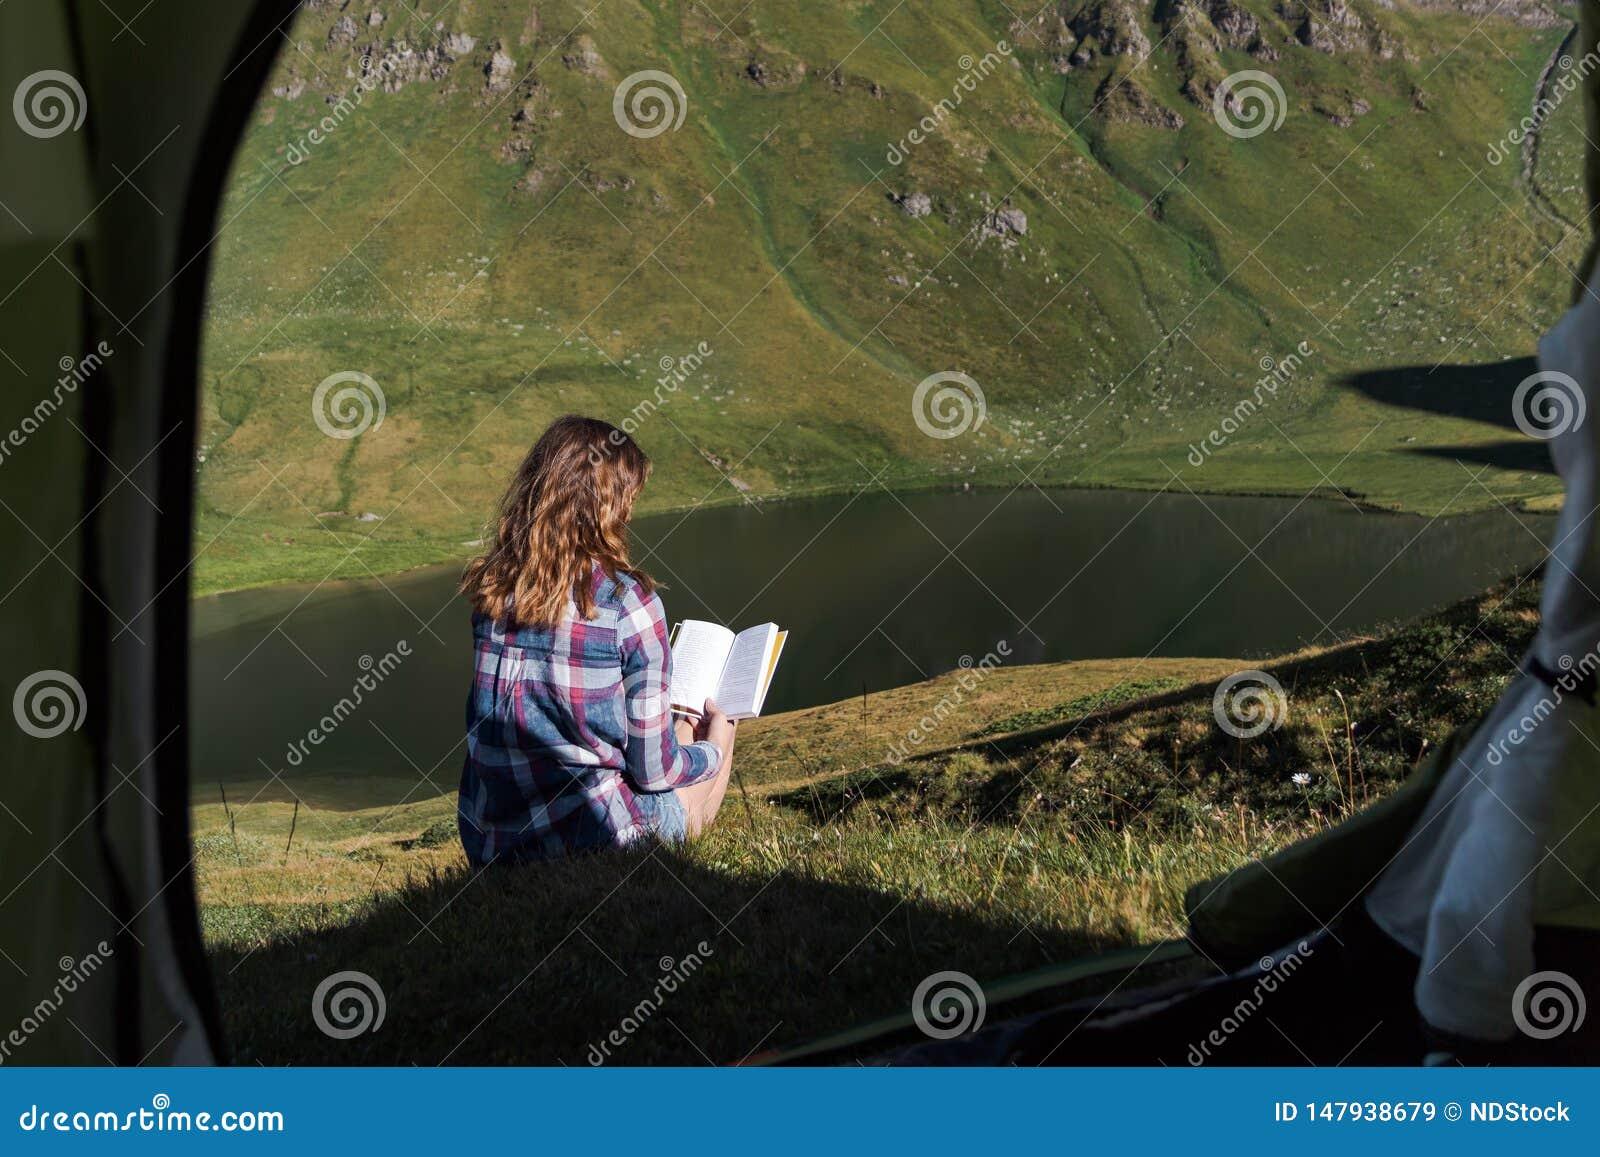 Junge Frau vor einem Zelt in den Schweizer Bergen ein Buch lesend